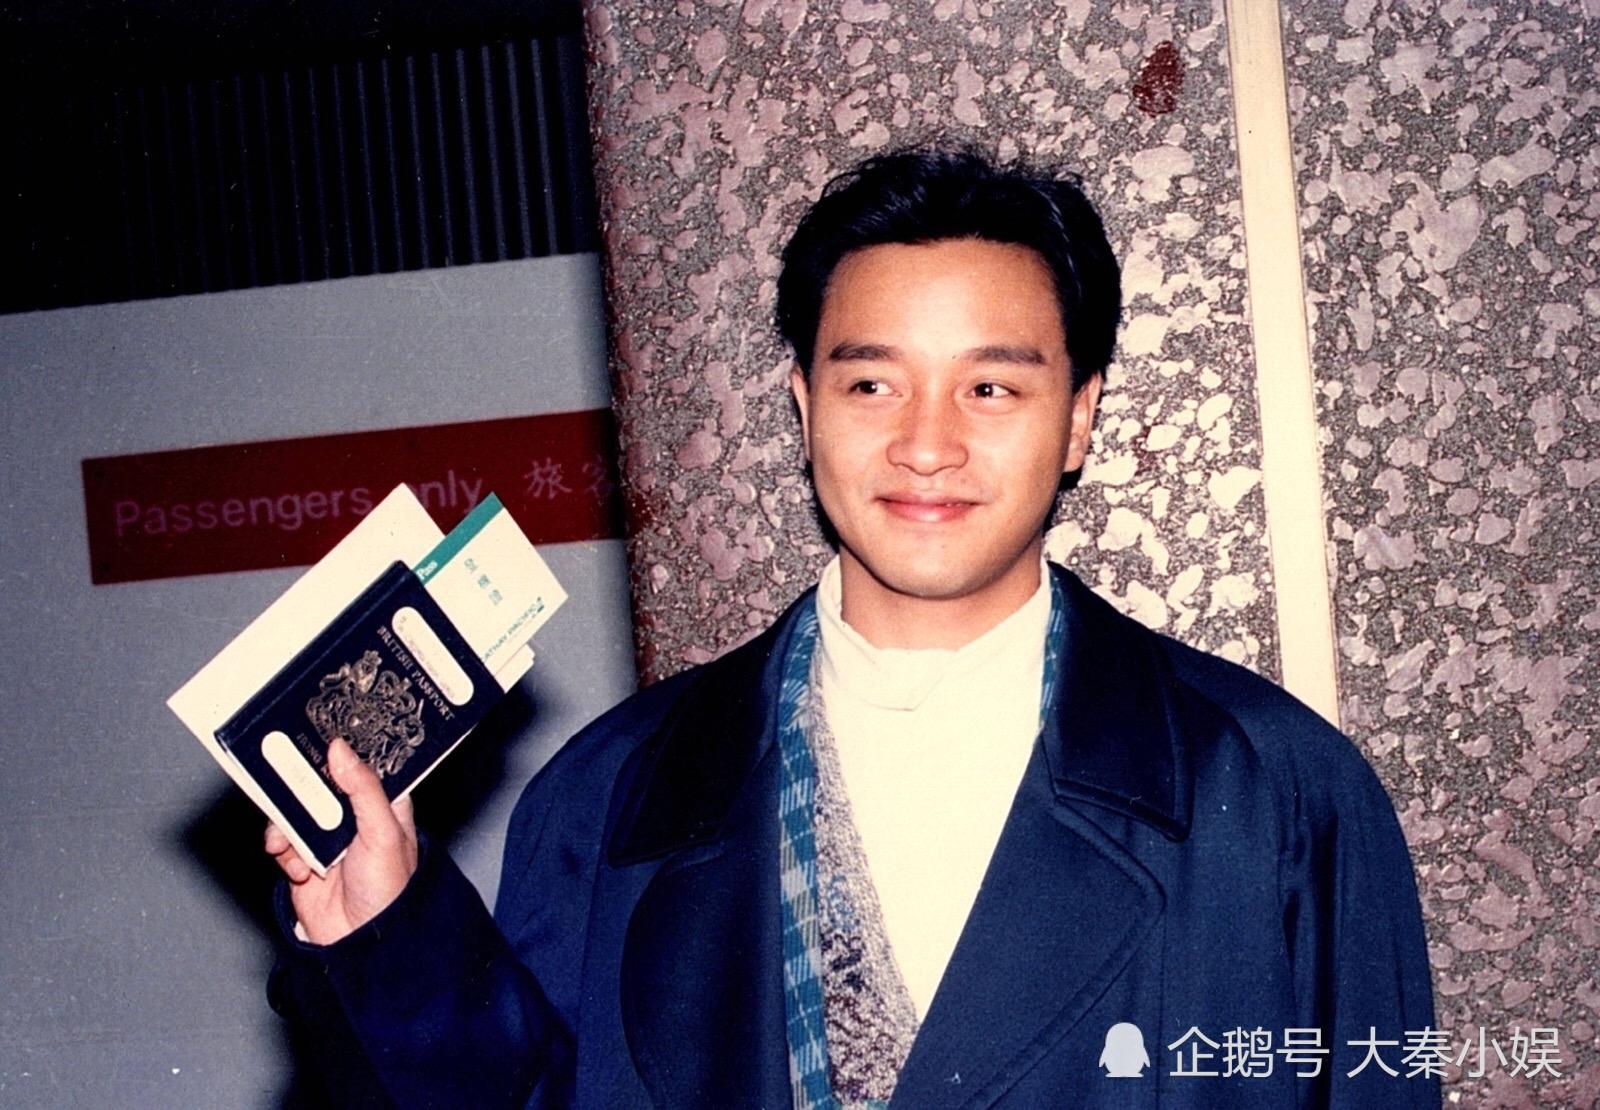 尔冬升心疼古天乐太拼命,一人撑起香港娱乐圈,默默做公益太低调